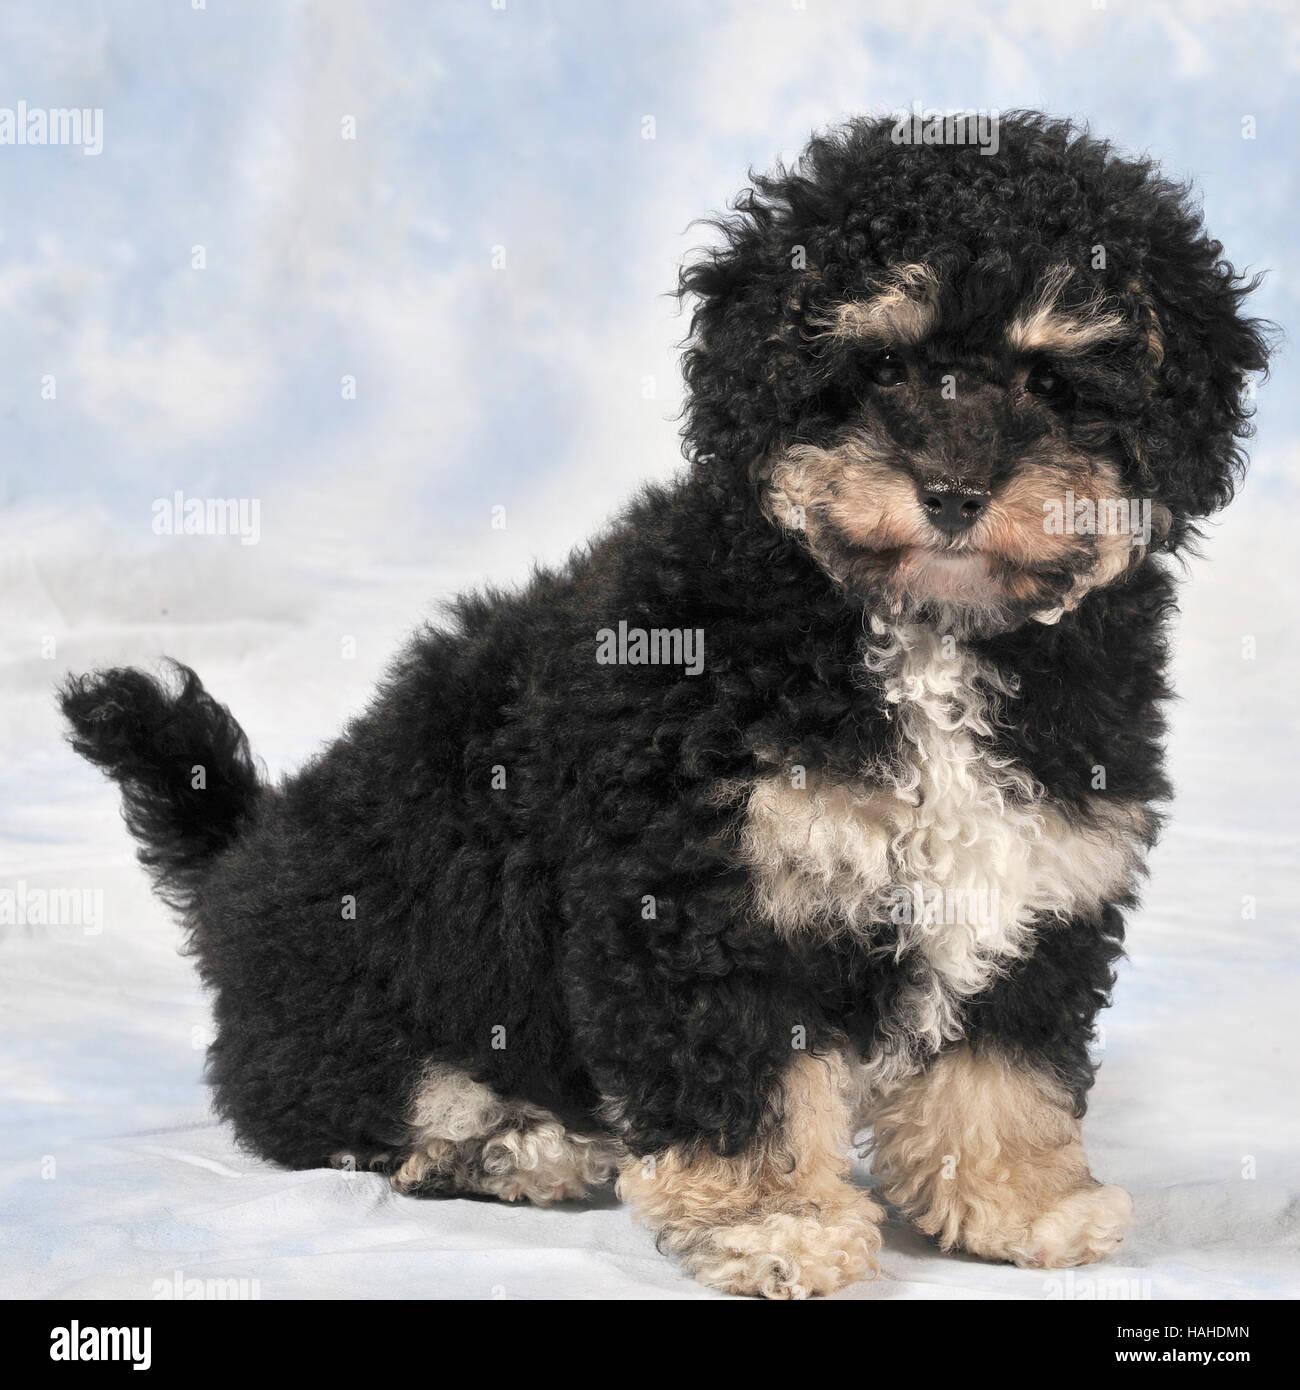 Bichon Poodle Stock Photos Bichon Poodle Stock Images Alamy